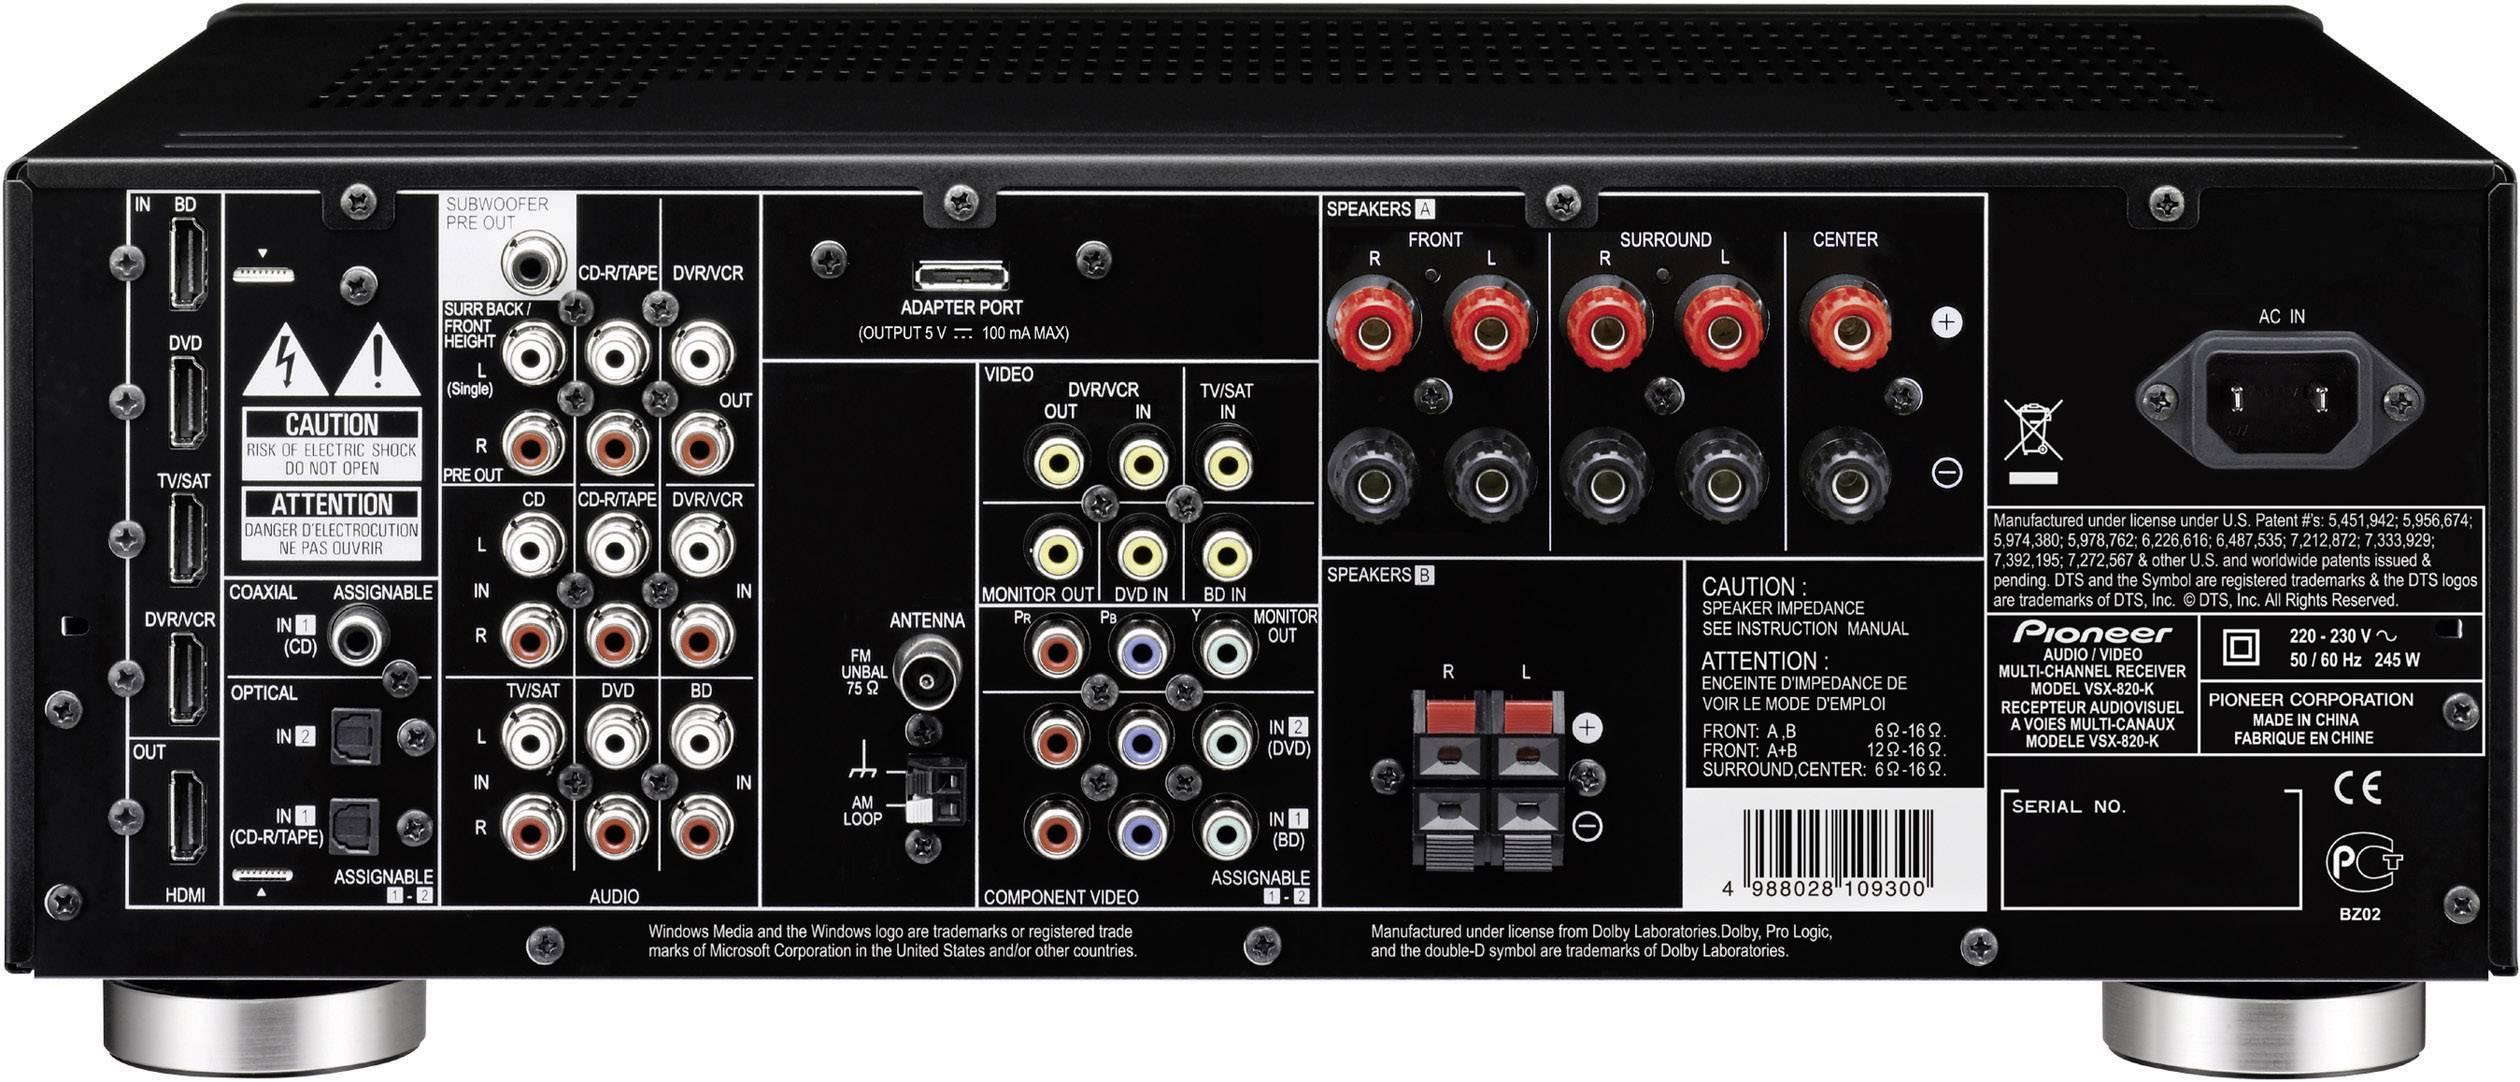 pioneer vsx 820 k manual online user manual u2022 rh gooduserguide today Pioneer VSX 1122 K Pioneer VSX D511 Receiver